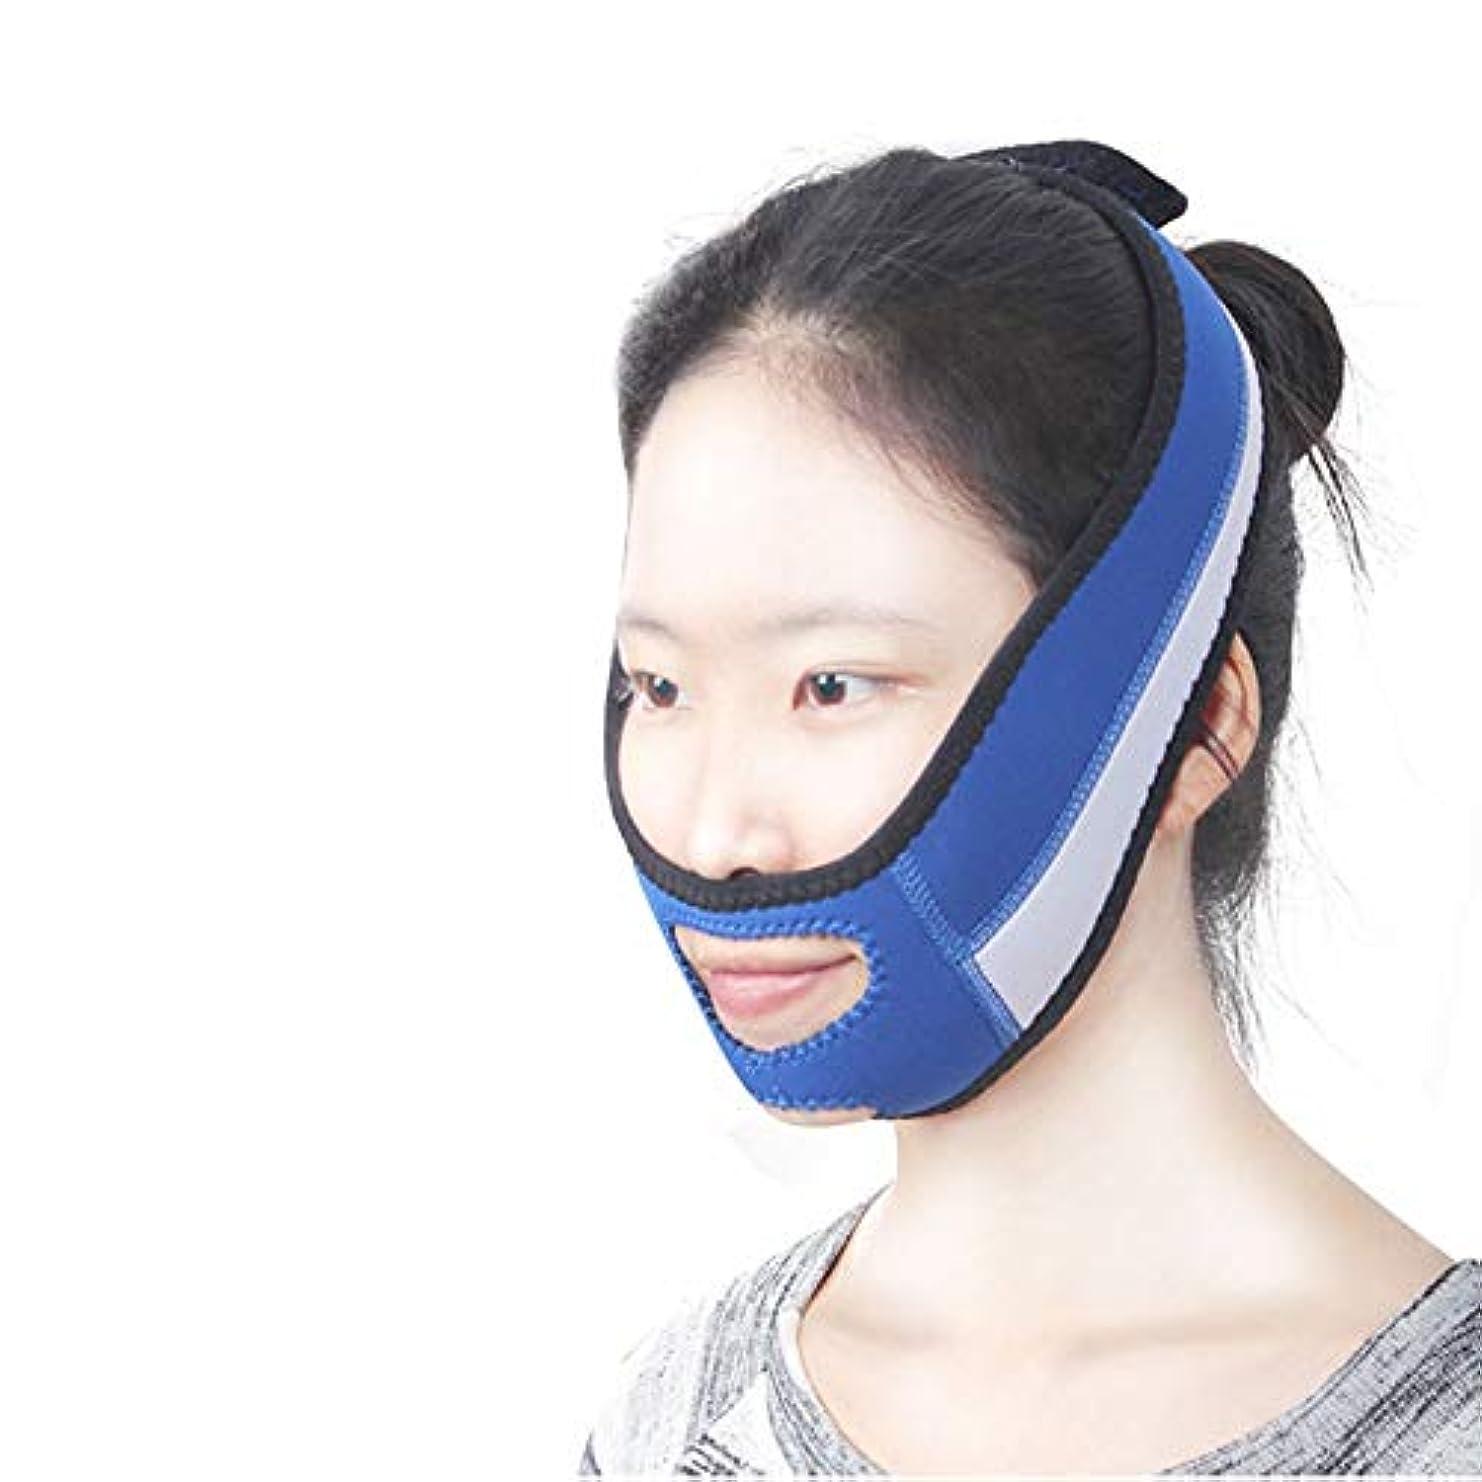 精査限り血WSJTT V字型スリミングフェイスストラップをマスクネックリフトテープフェイススリムパッチフェイススリミングベルトチークマスクリフトV顔ラインスリムを持ち上げるダブルチンリデューサーVラインマスク